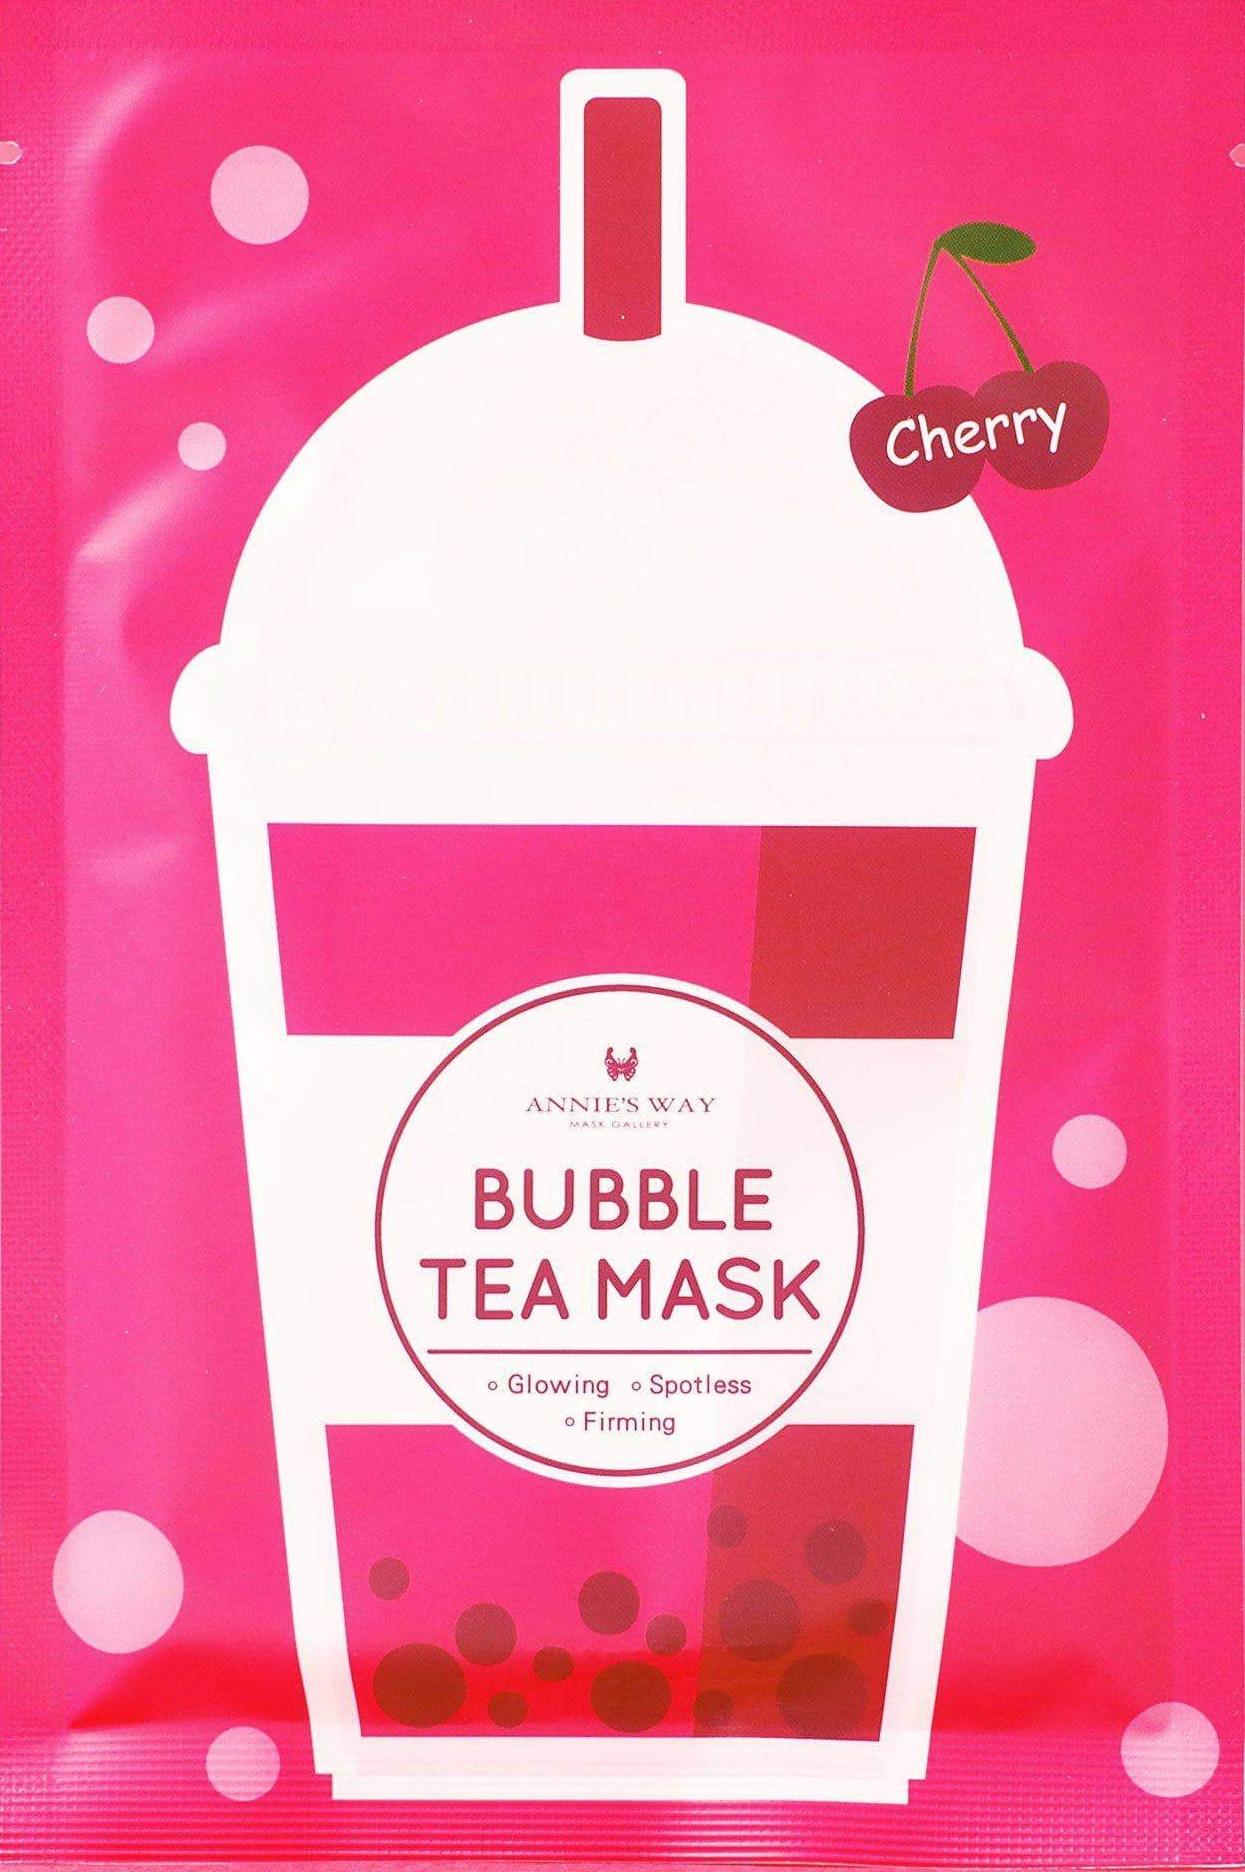 Annie's Way Cherry Bubble Tea Mask